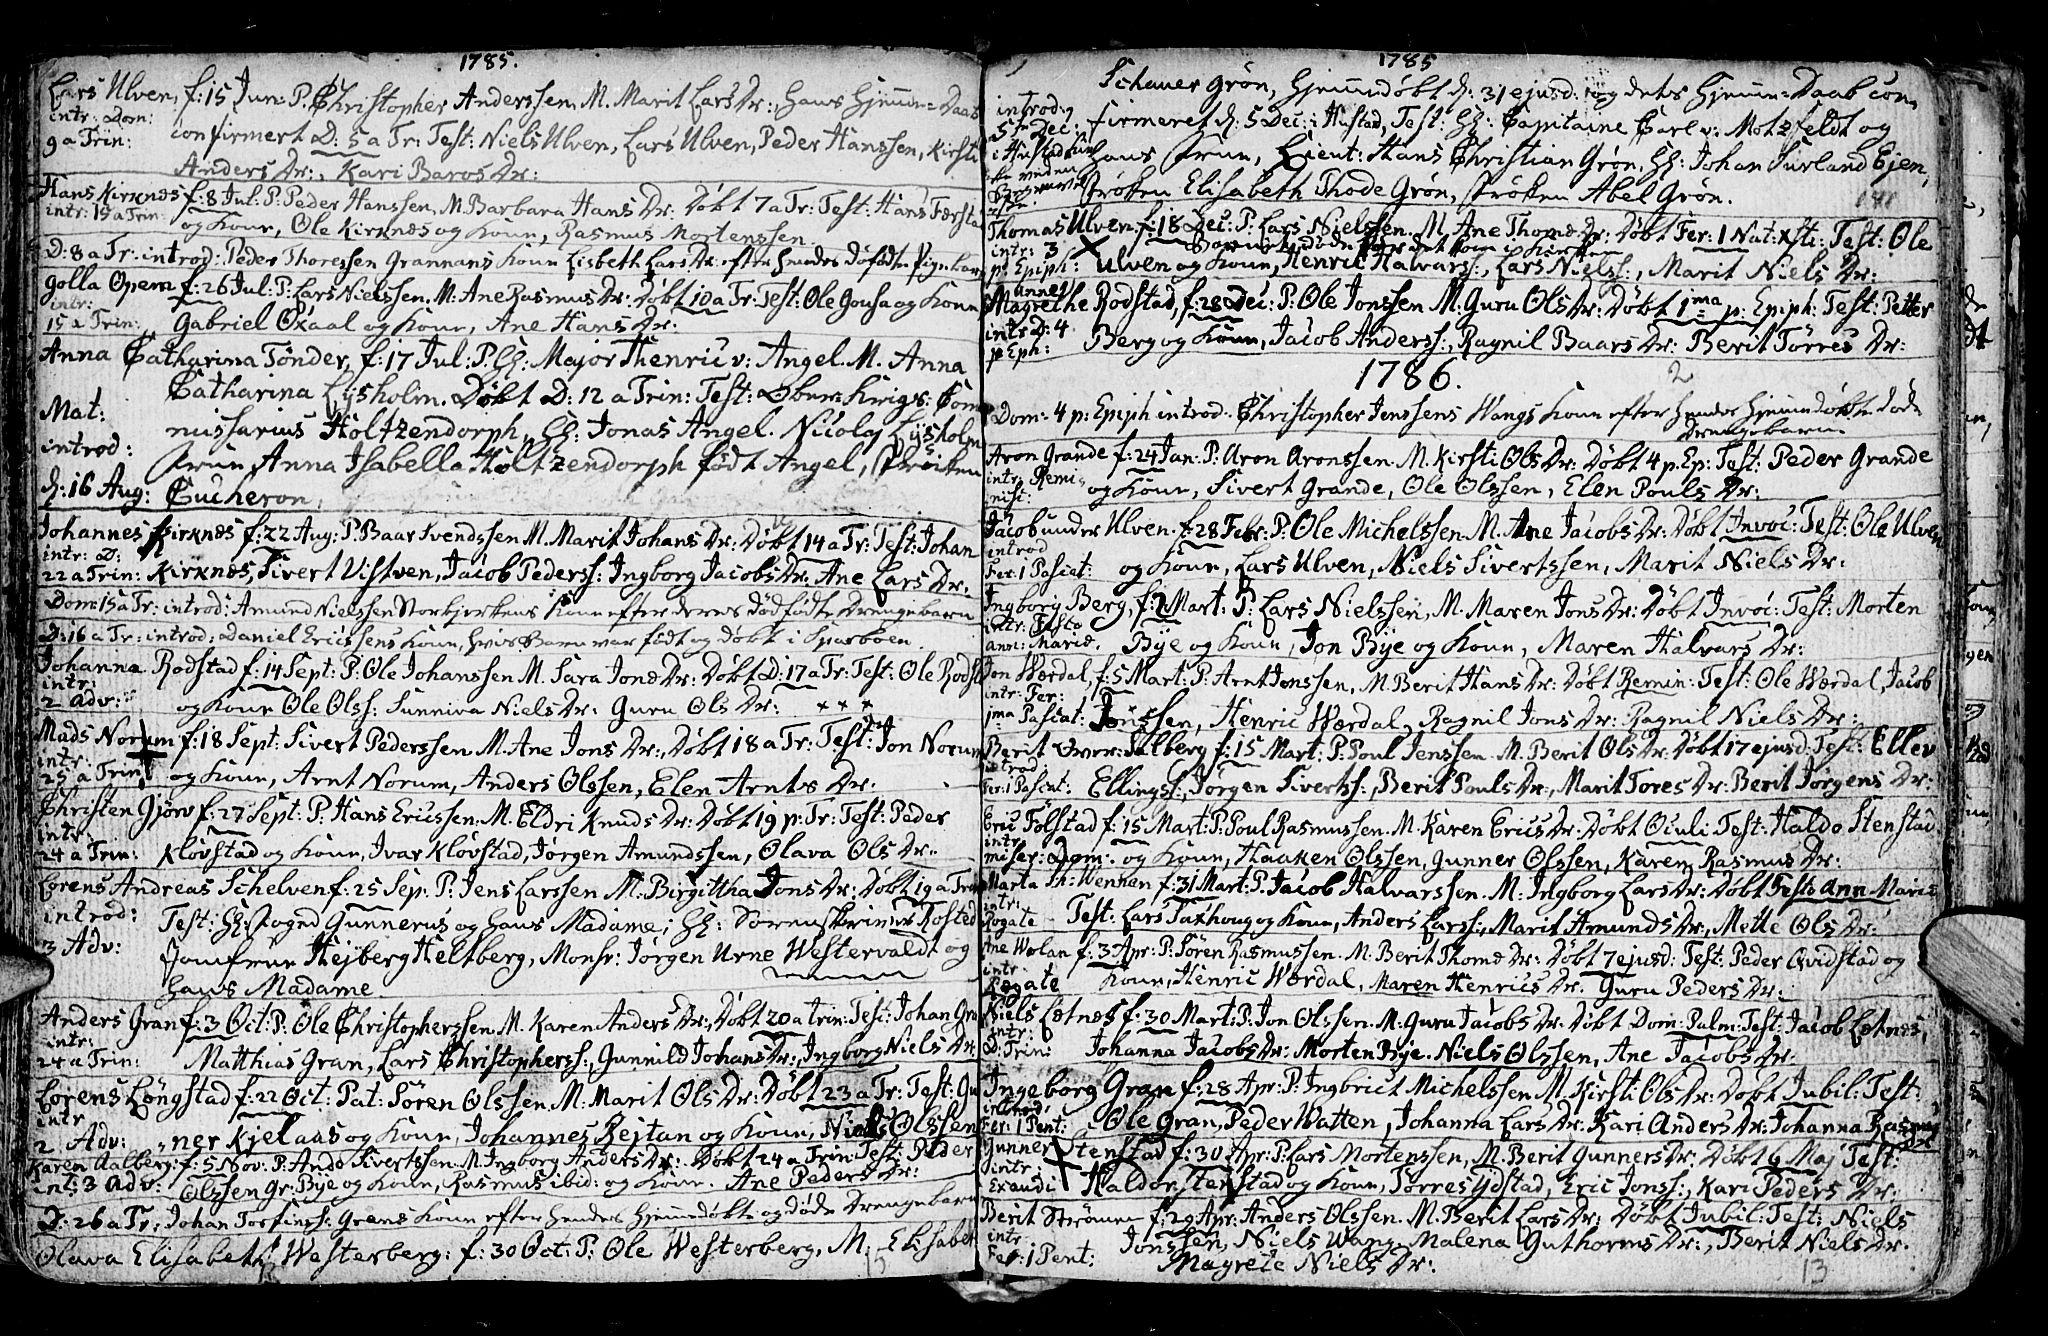 SAT, Ministerialprotokoller, klokkerbøker og fødselsregistre - Nord-Trøndelag, 730/L0273: Ministerialbok nr. 730A02, 1762-1802, s. 141